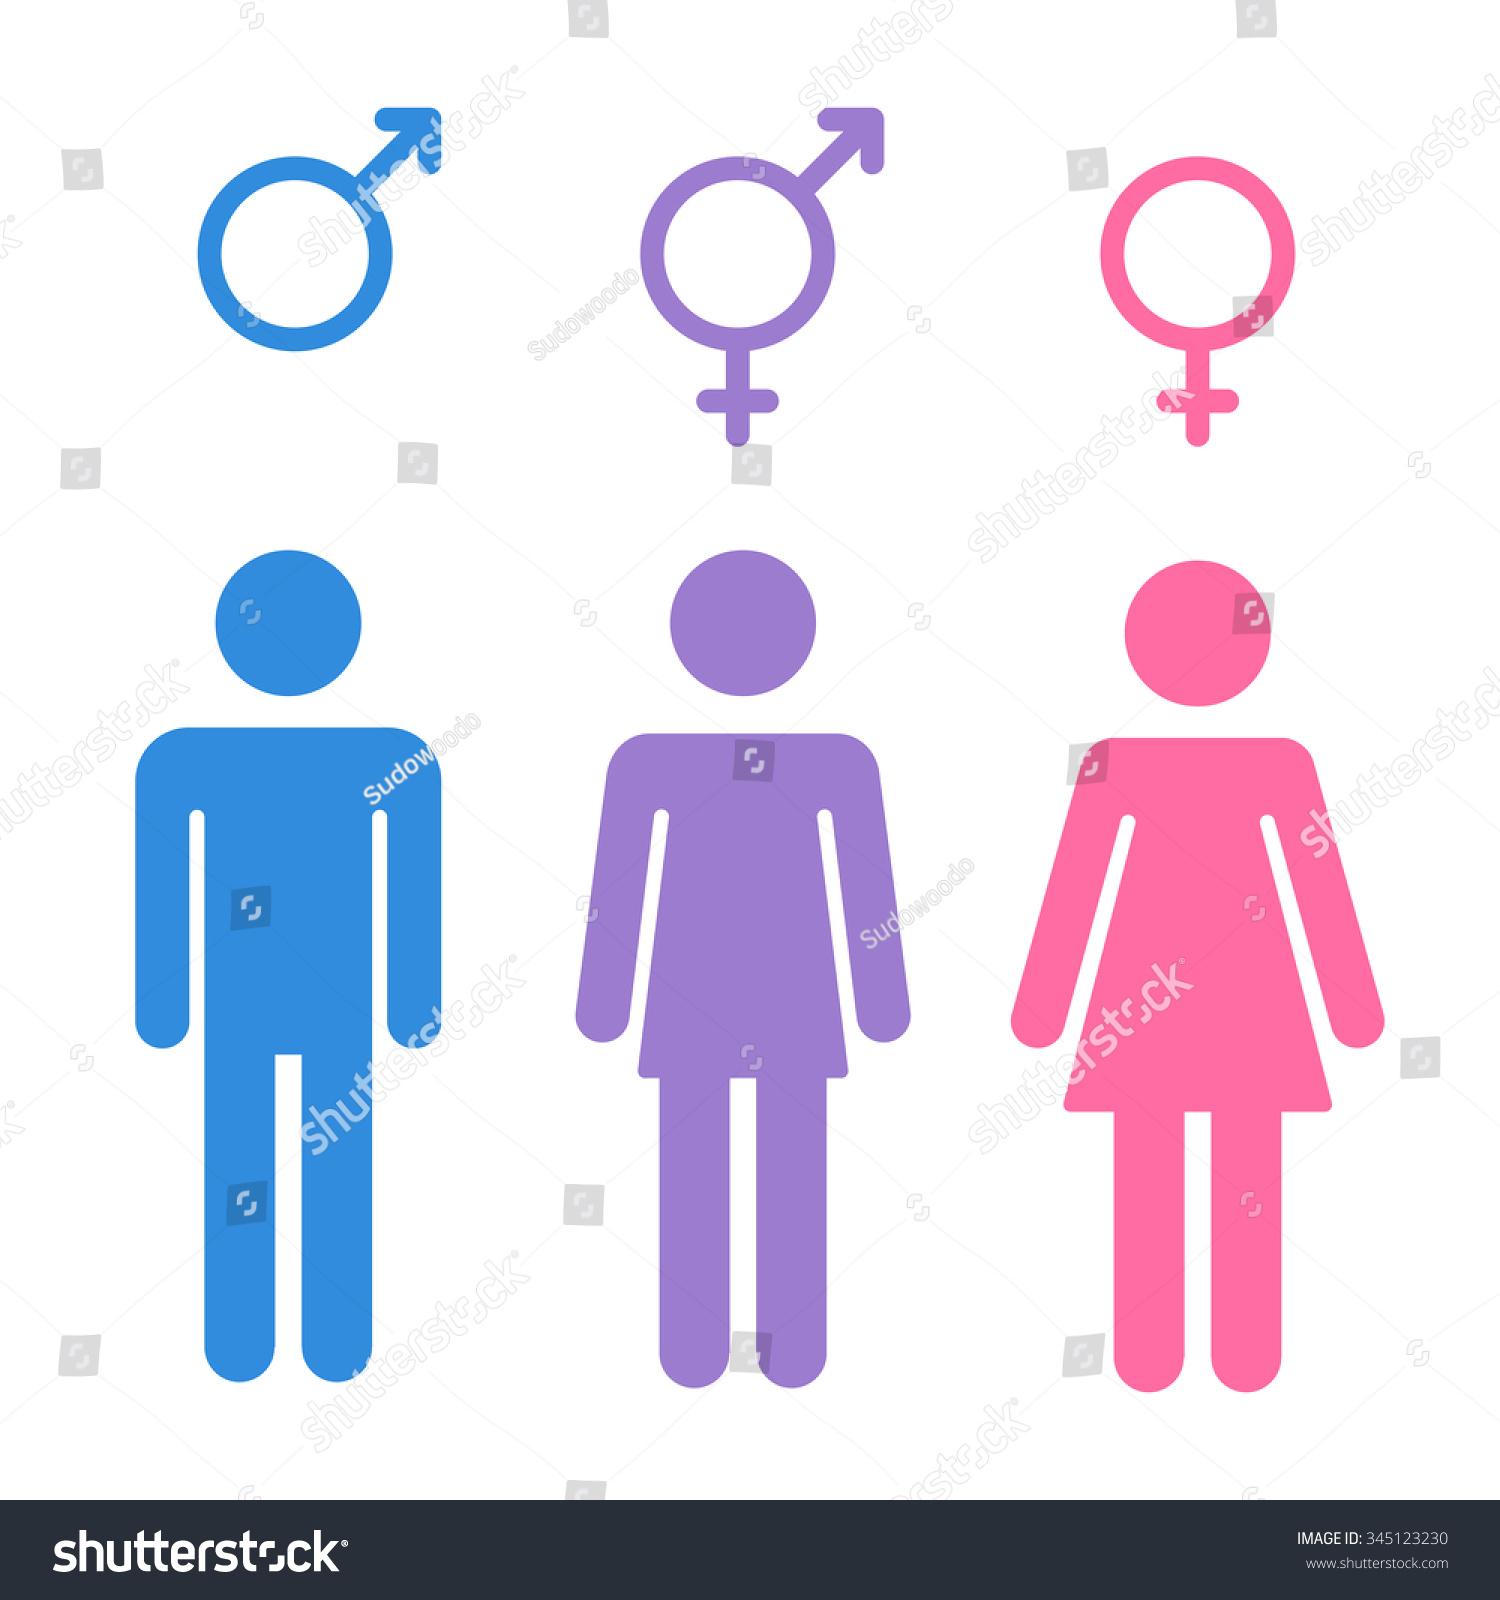 Set gender symbols stylized silhouettes male stock vector set of gender symbols with stylized silhouettes male female and unisex or transgender buycottarizona